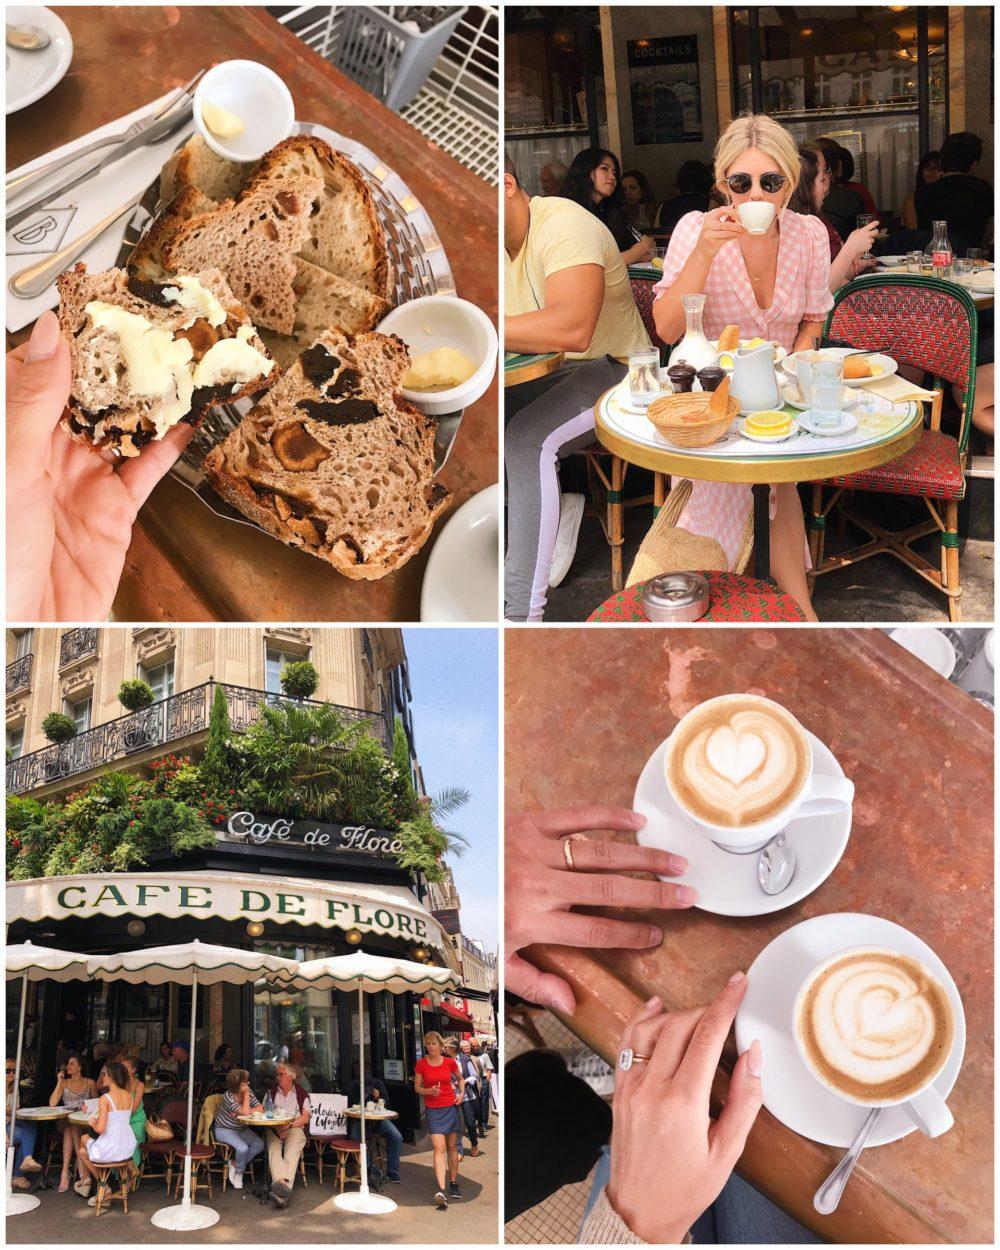 Paris-France-Cafe-de-Flore-La-Fontaine-de-Belle-e1530904178711.jpg